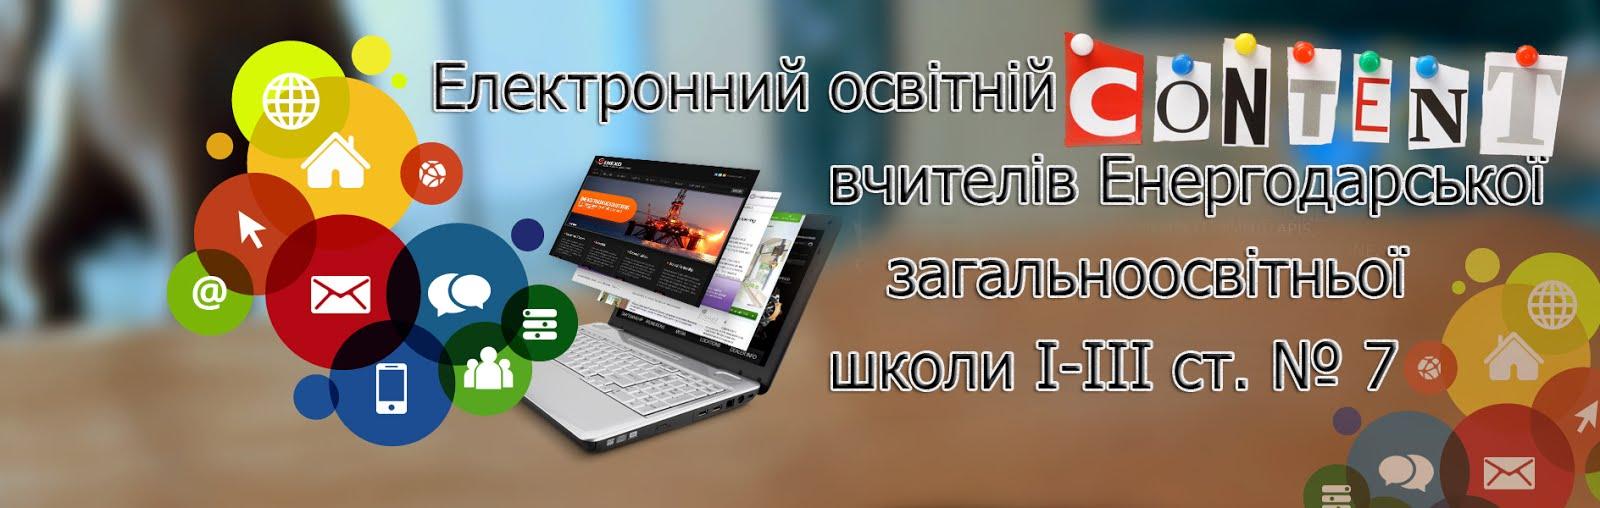 Електронний контент вчителів ЕЗОШ № 7